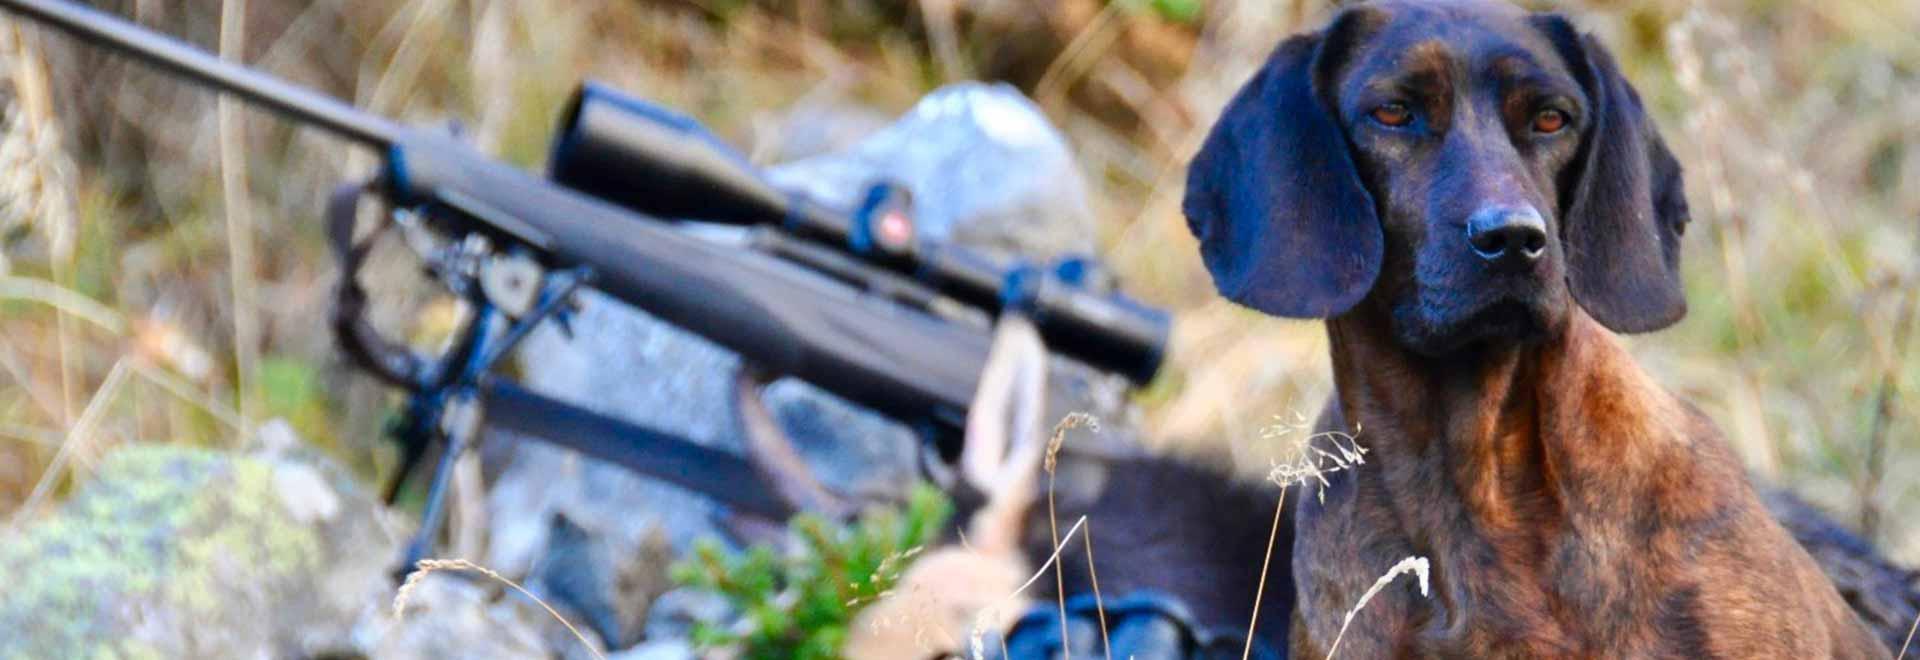 Speciale Argentina: l'ultimo Eldorado per la caccia. 2a parte